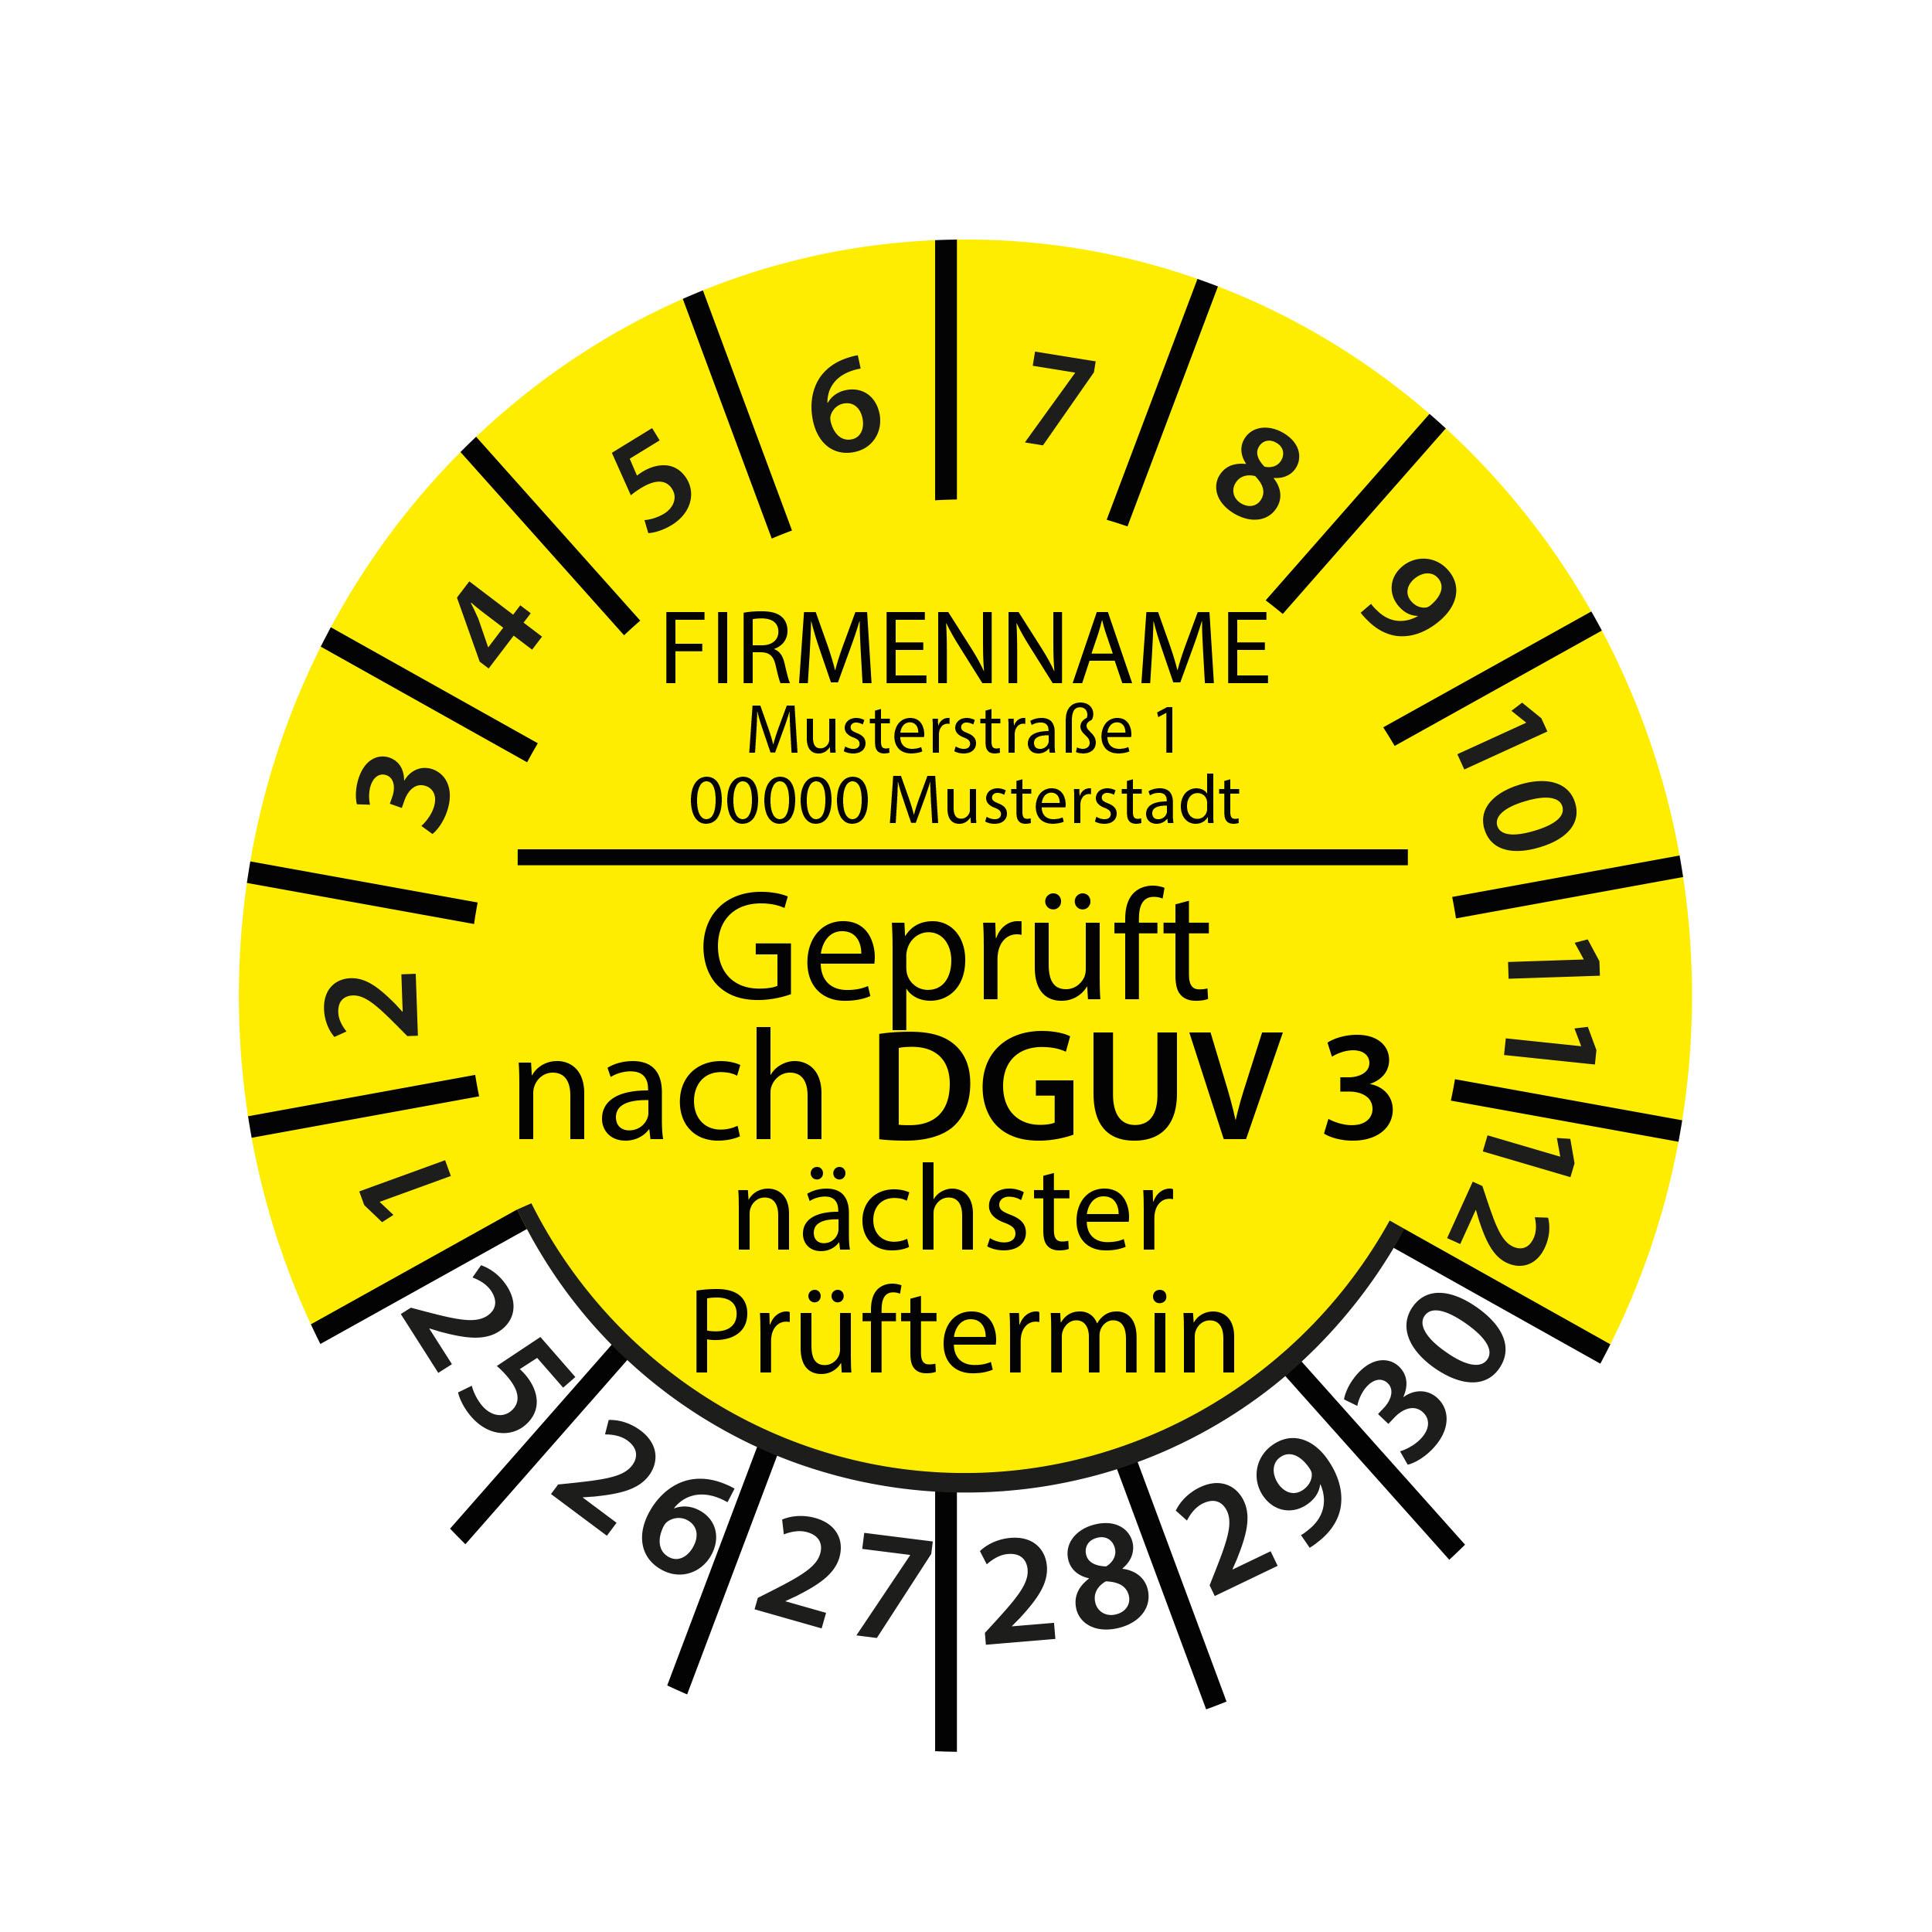 Prüfplakette mit Firmenname - geprüft nach DGUV Vorschrift 3 nächster Prüftermin 2025-2030 Ø 30mm Rund Gelb / Blau